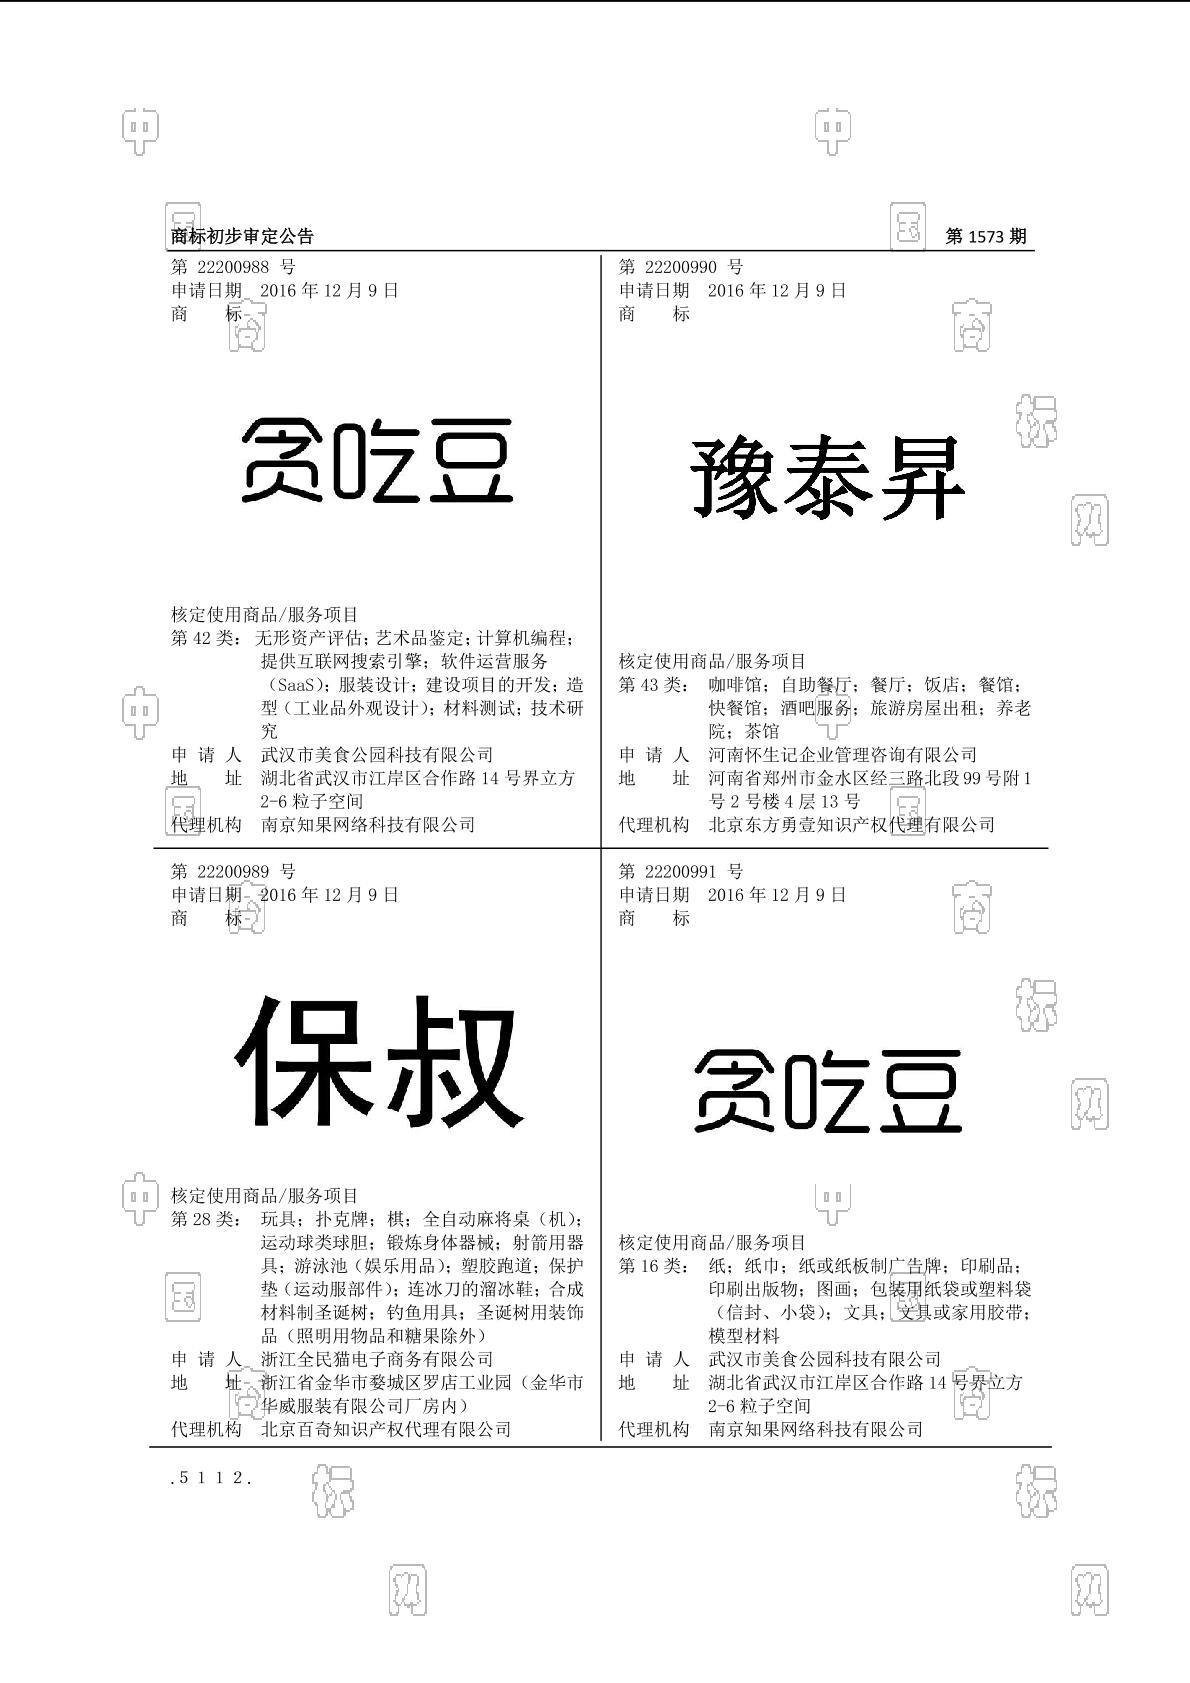 【社标网】贪吃豆商标状态注册号信息 武汉市美食公园科技有限公司商标信息-商标查询